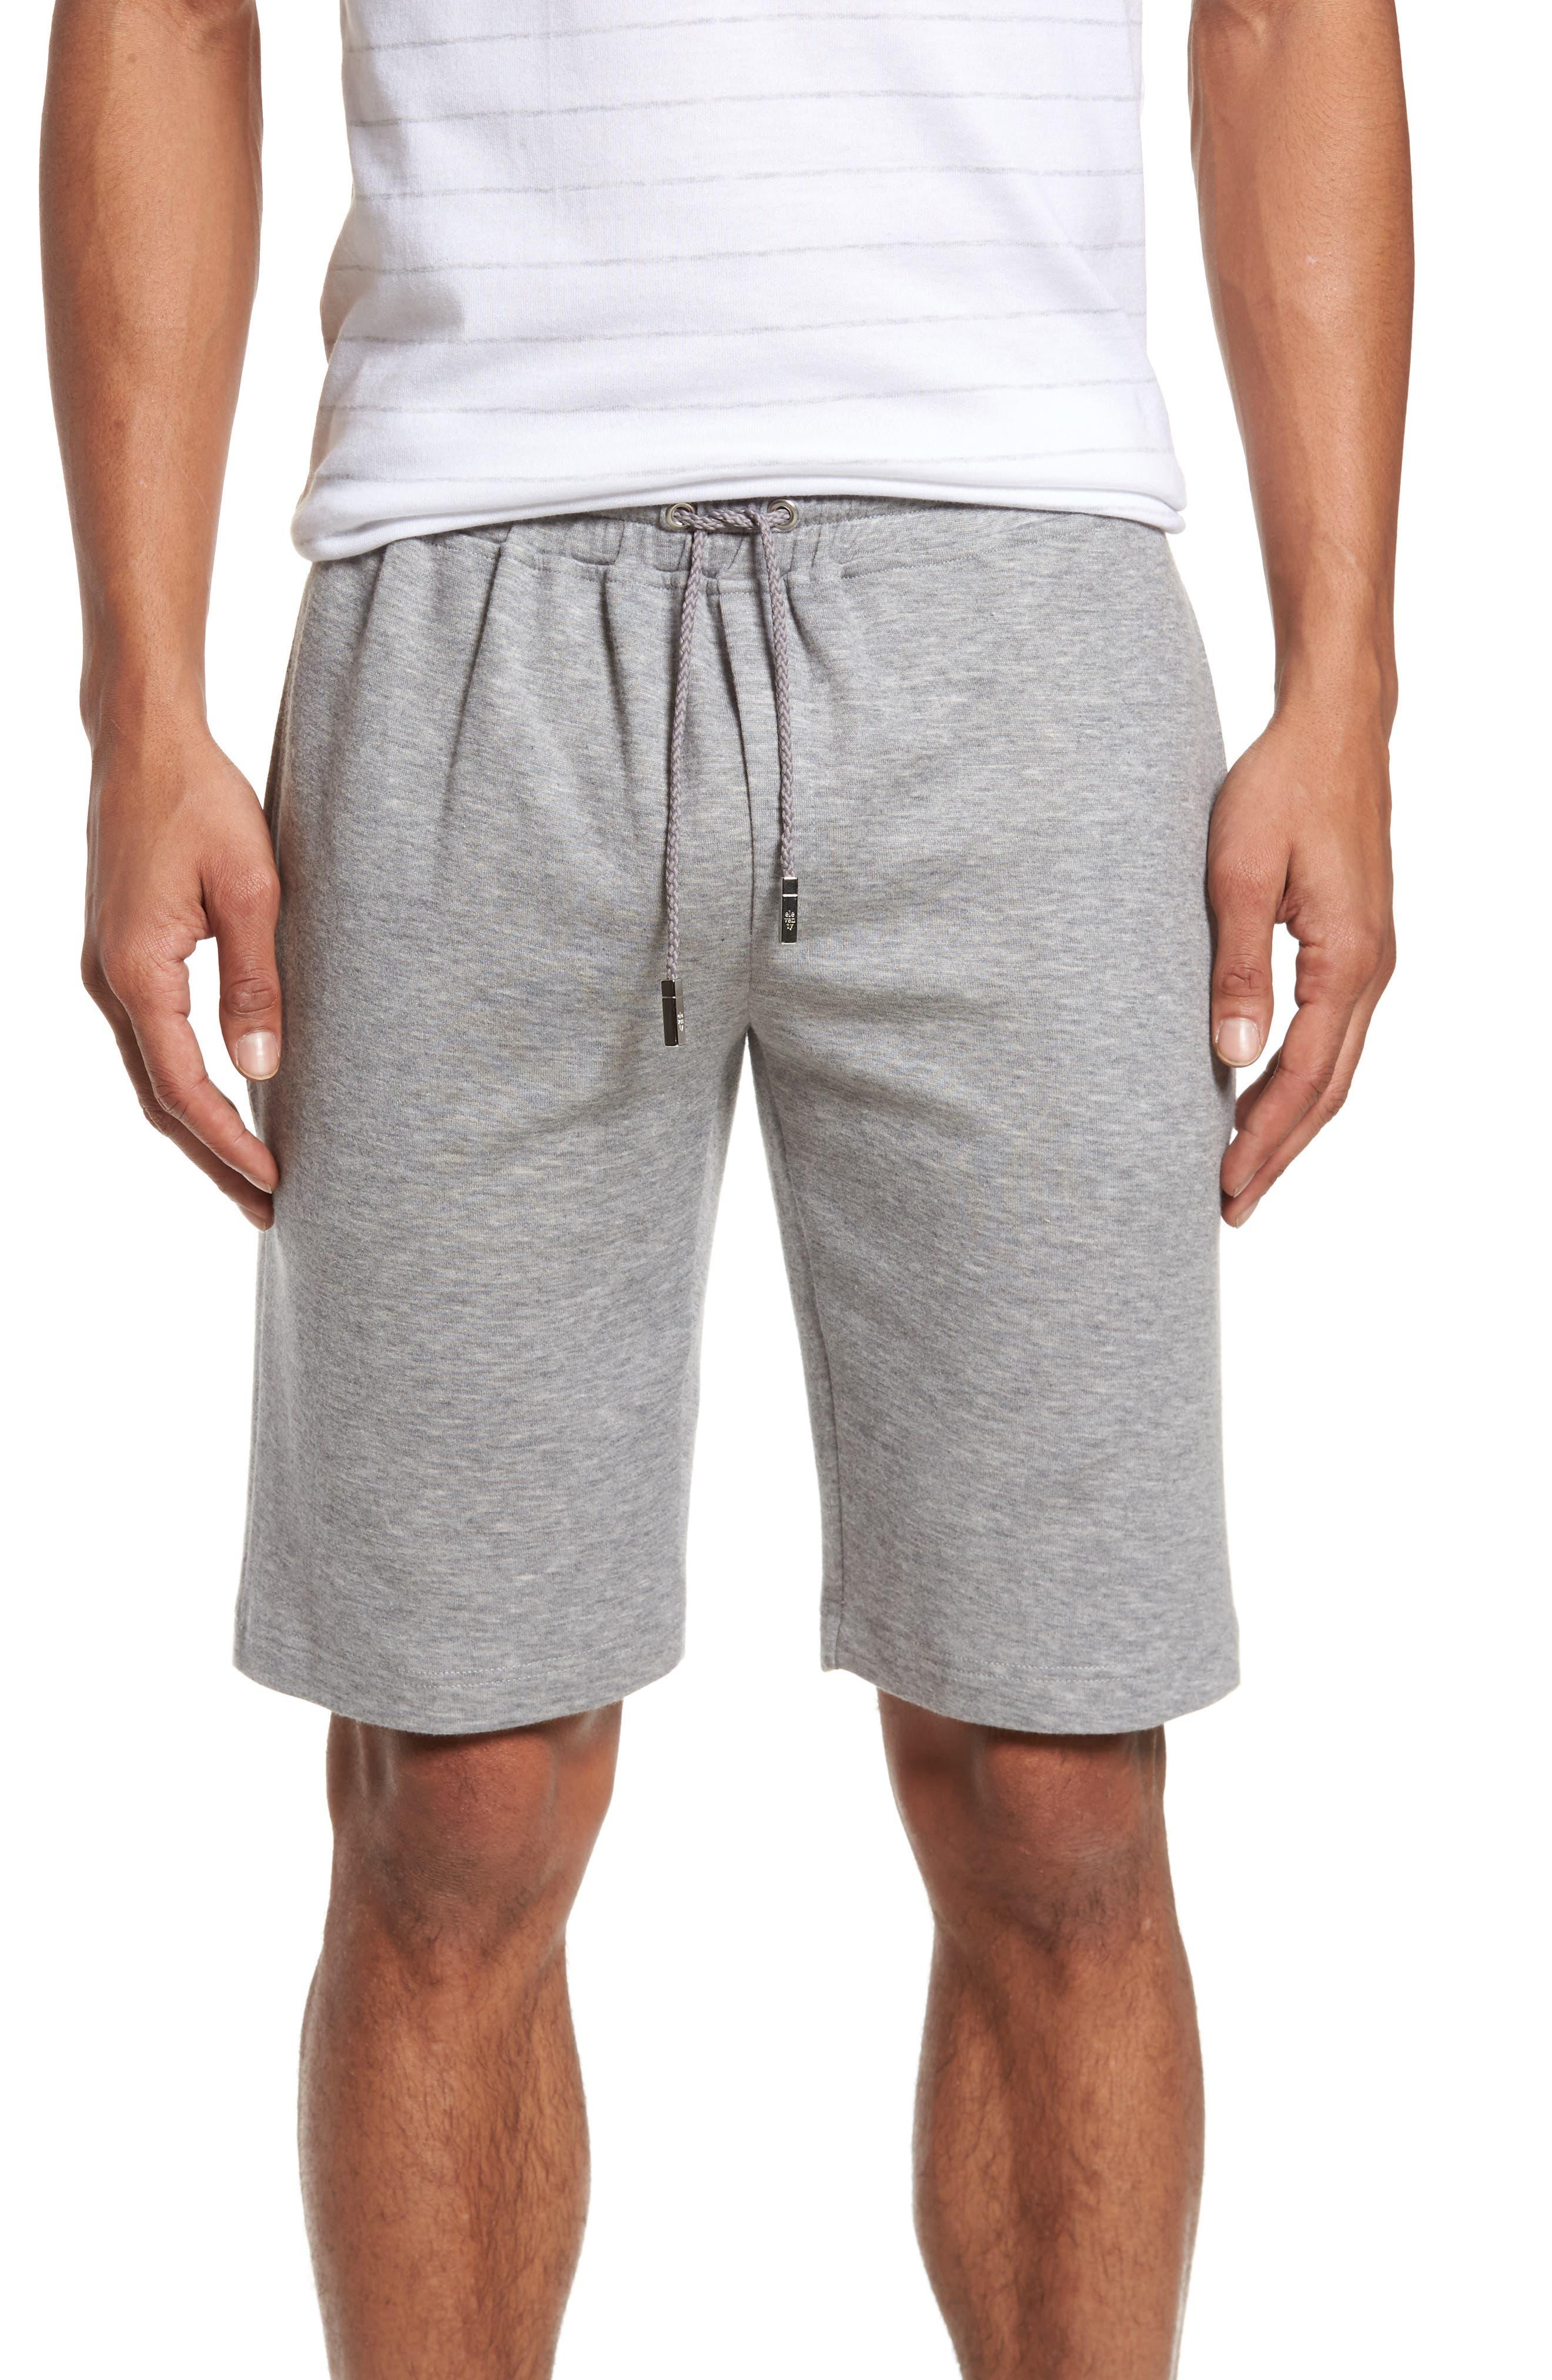 Drawstring Knit Shorts,                         Main,                         color, Light Grey